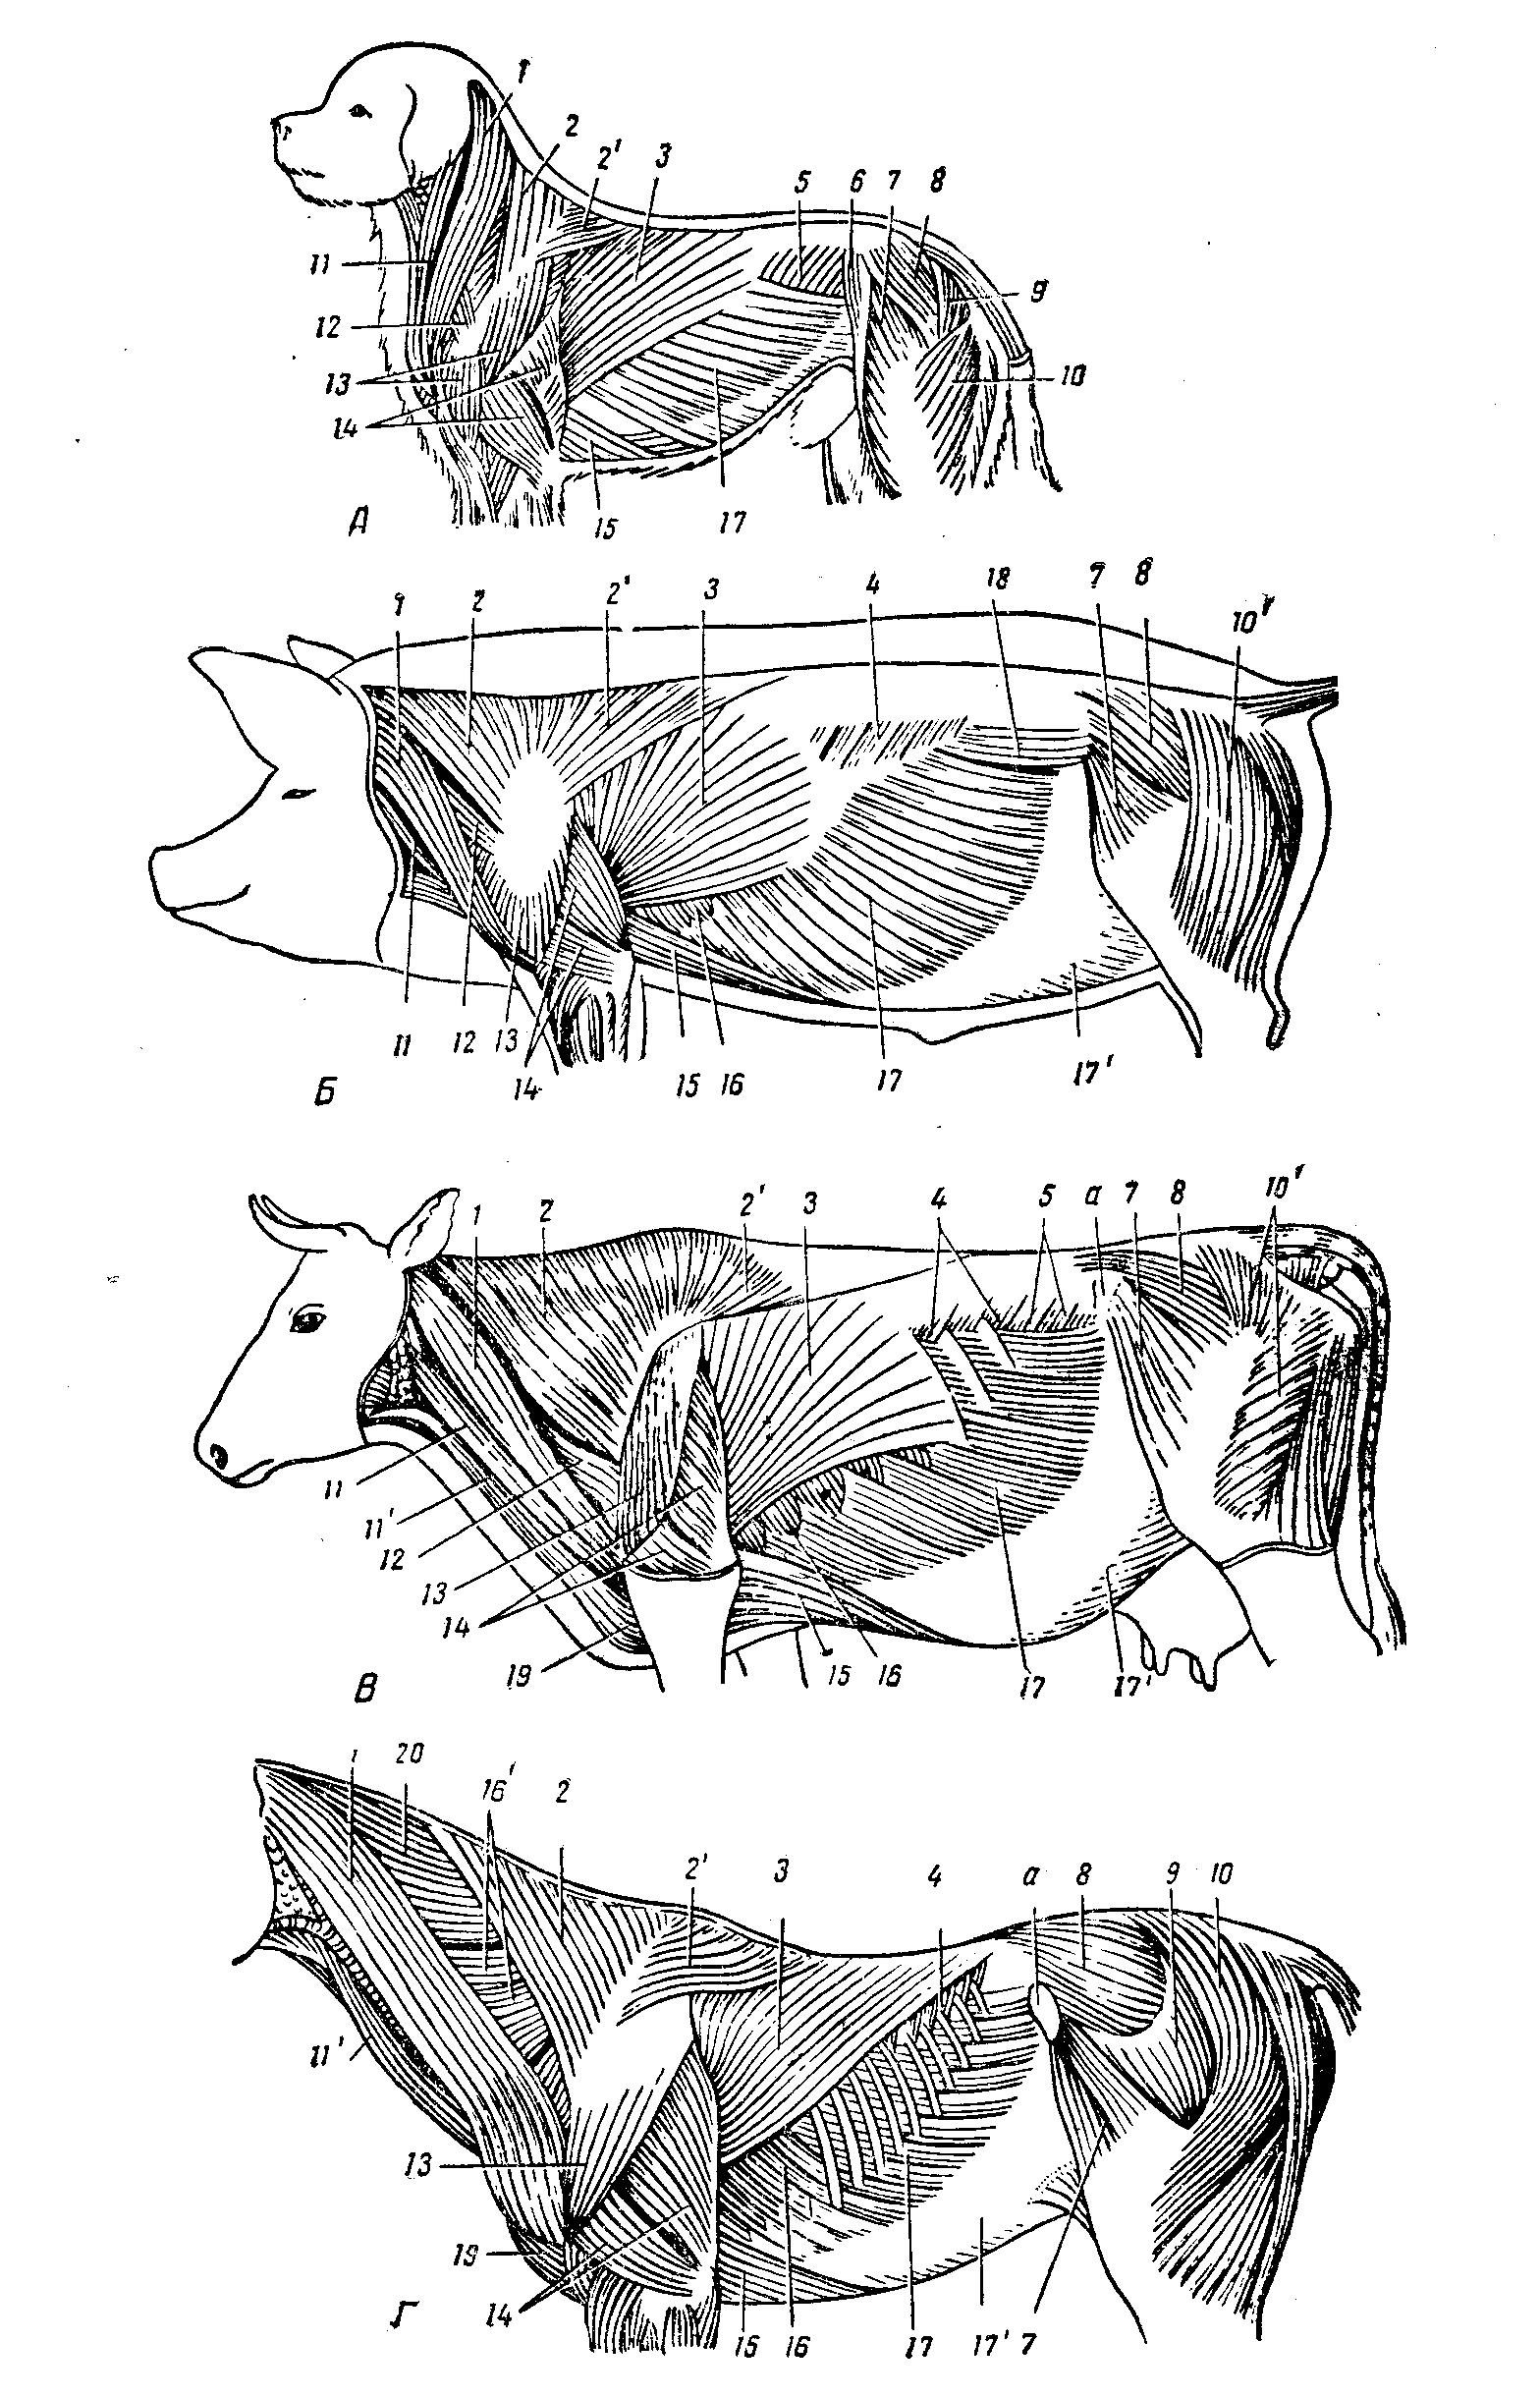 Мышцы коровы анатомия в картинках, открытки марта пожеланиями